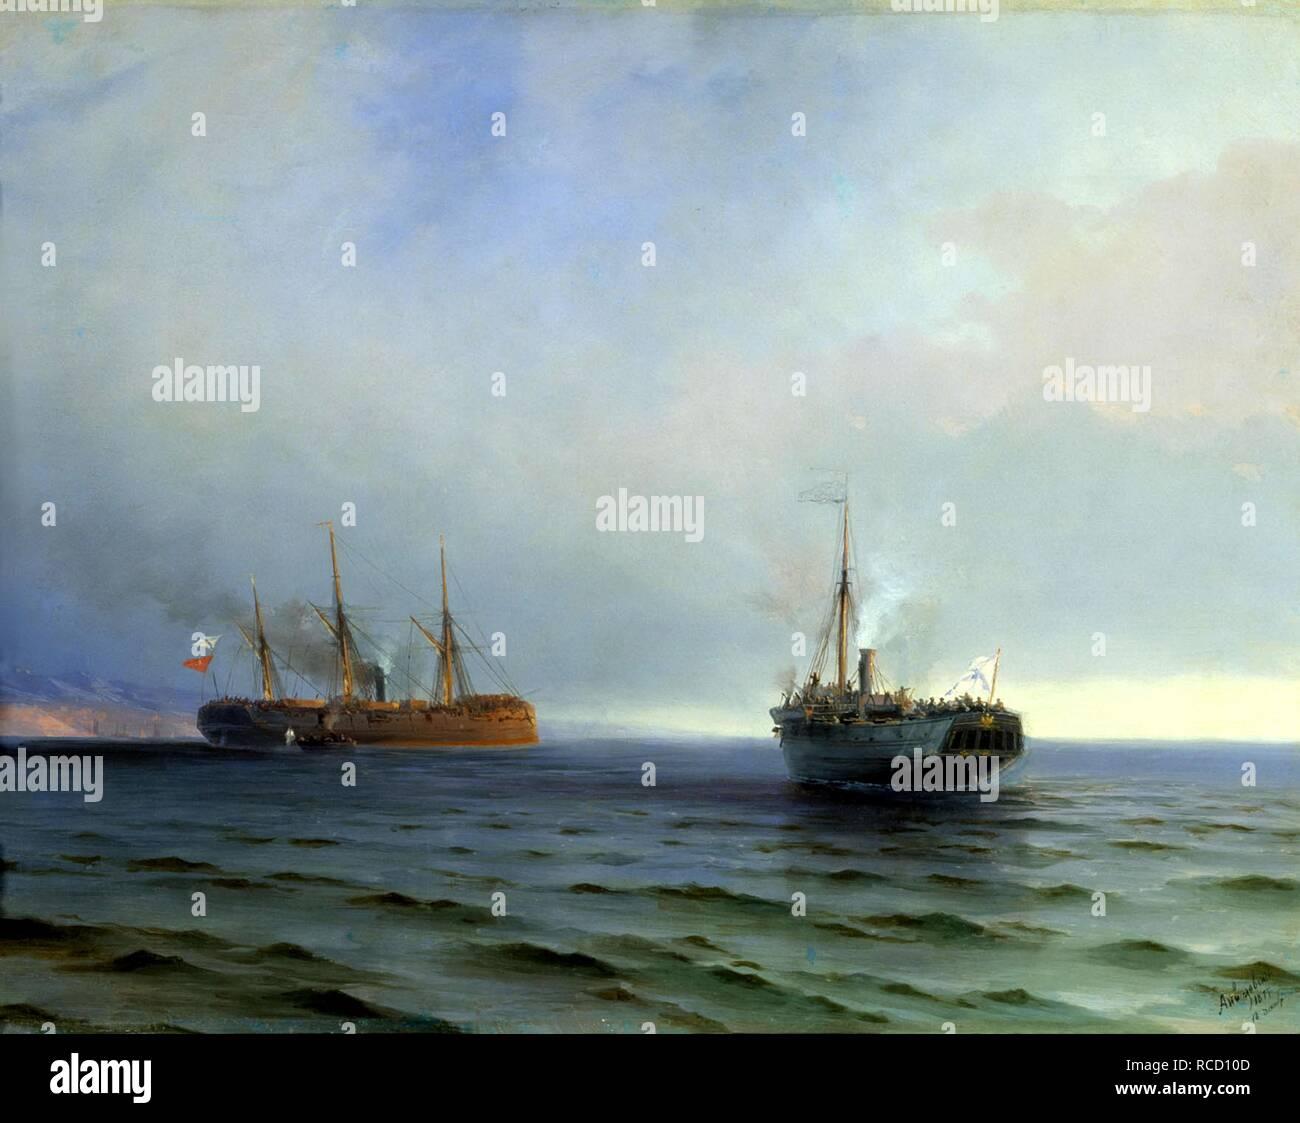 Bagno Turco Messina.La Cattura Del Bagno Turco Per Il Trasporto Militare